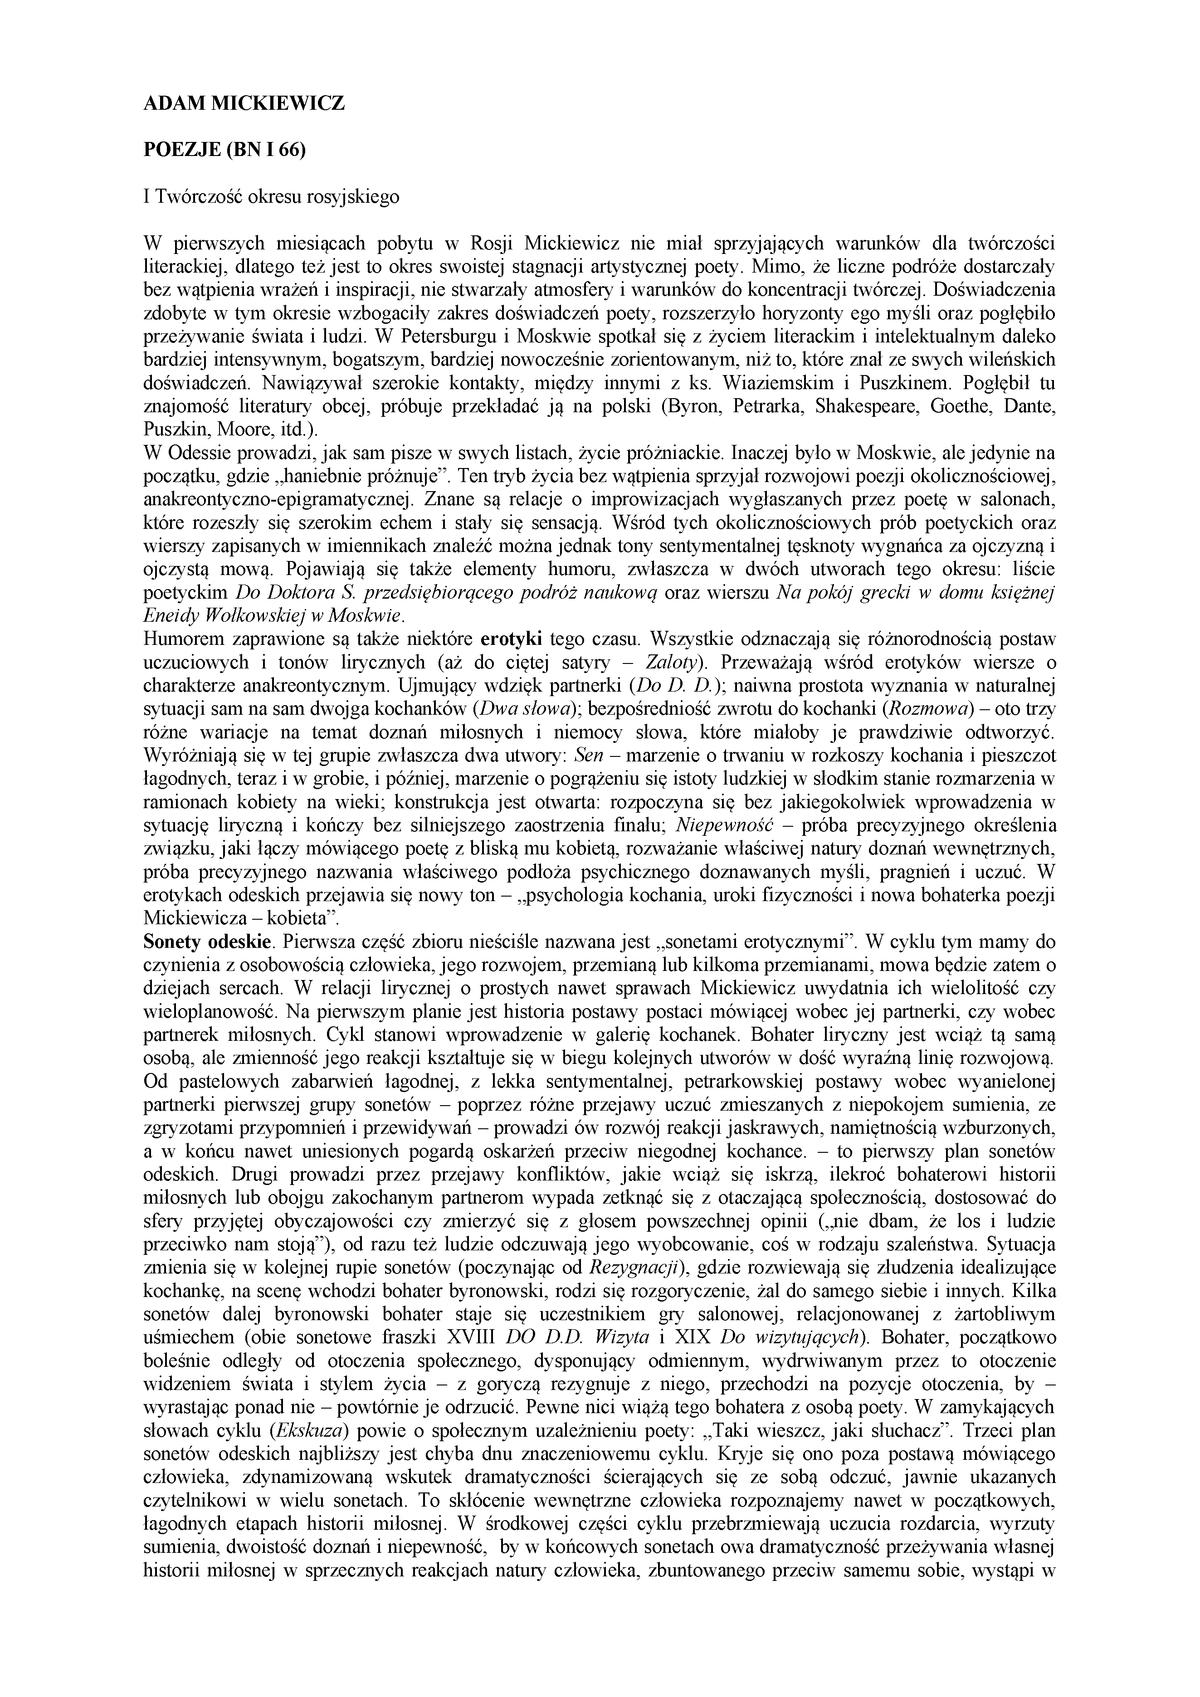 Mickiewicz Opracowania Różne Filologia Polska Uwm